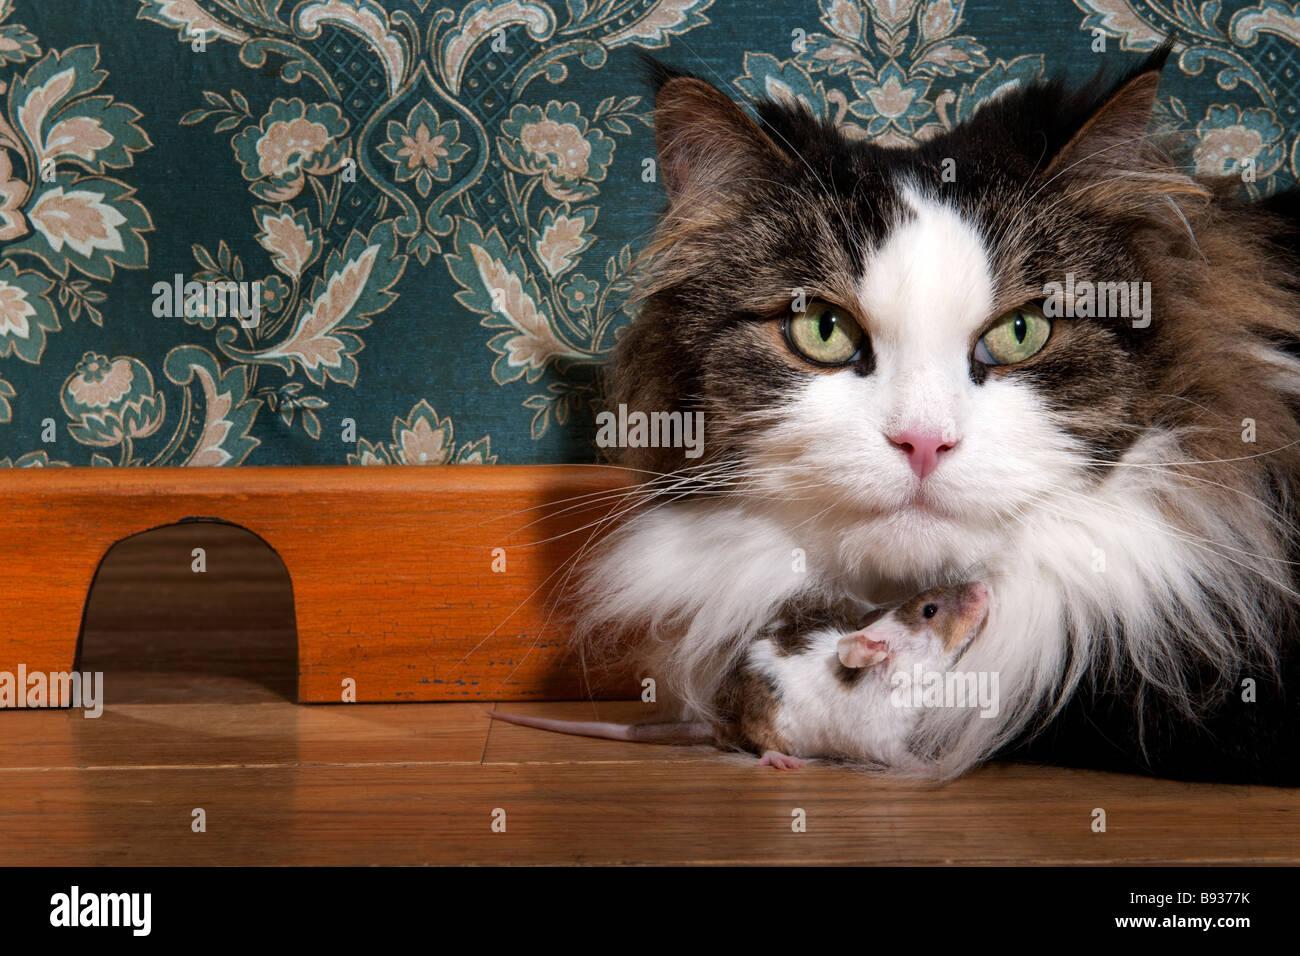 El gato y el ratón en una lujosa habitación antigua Foto de stock